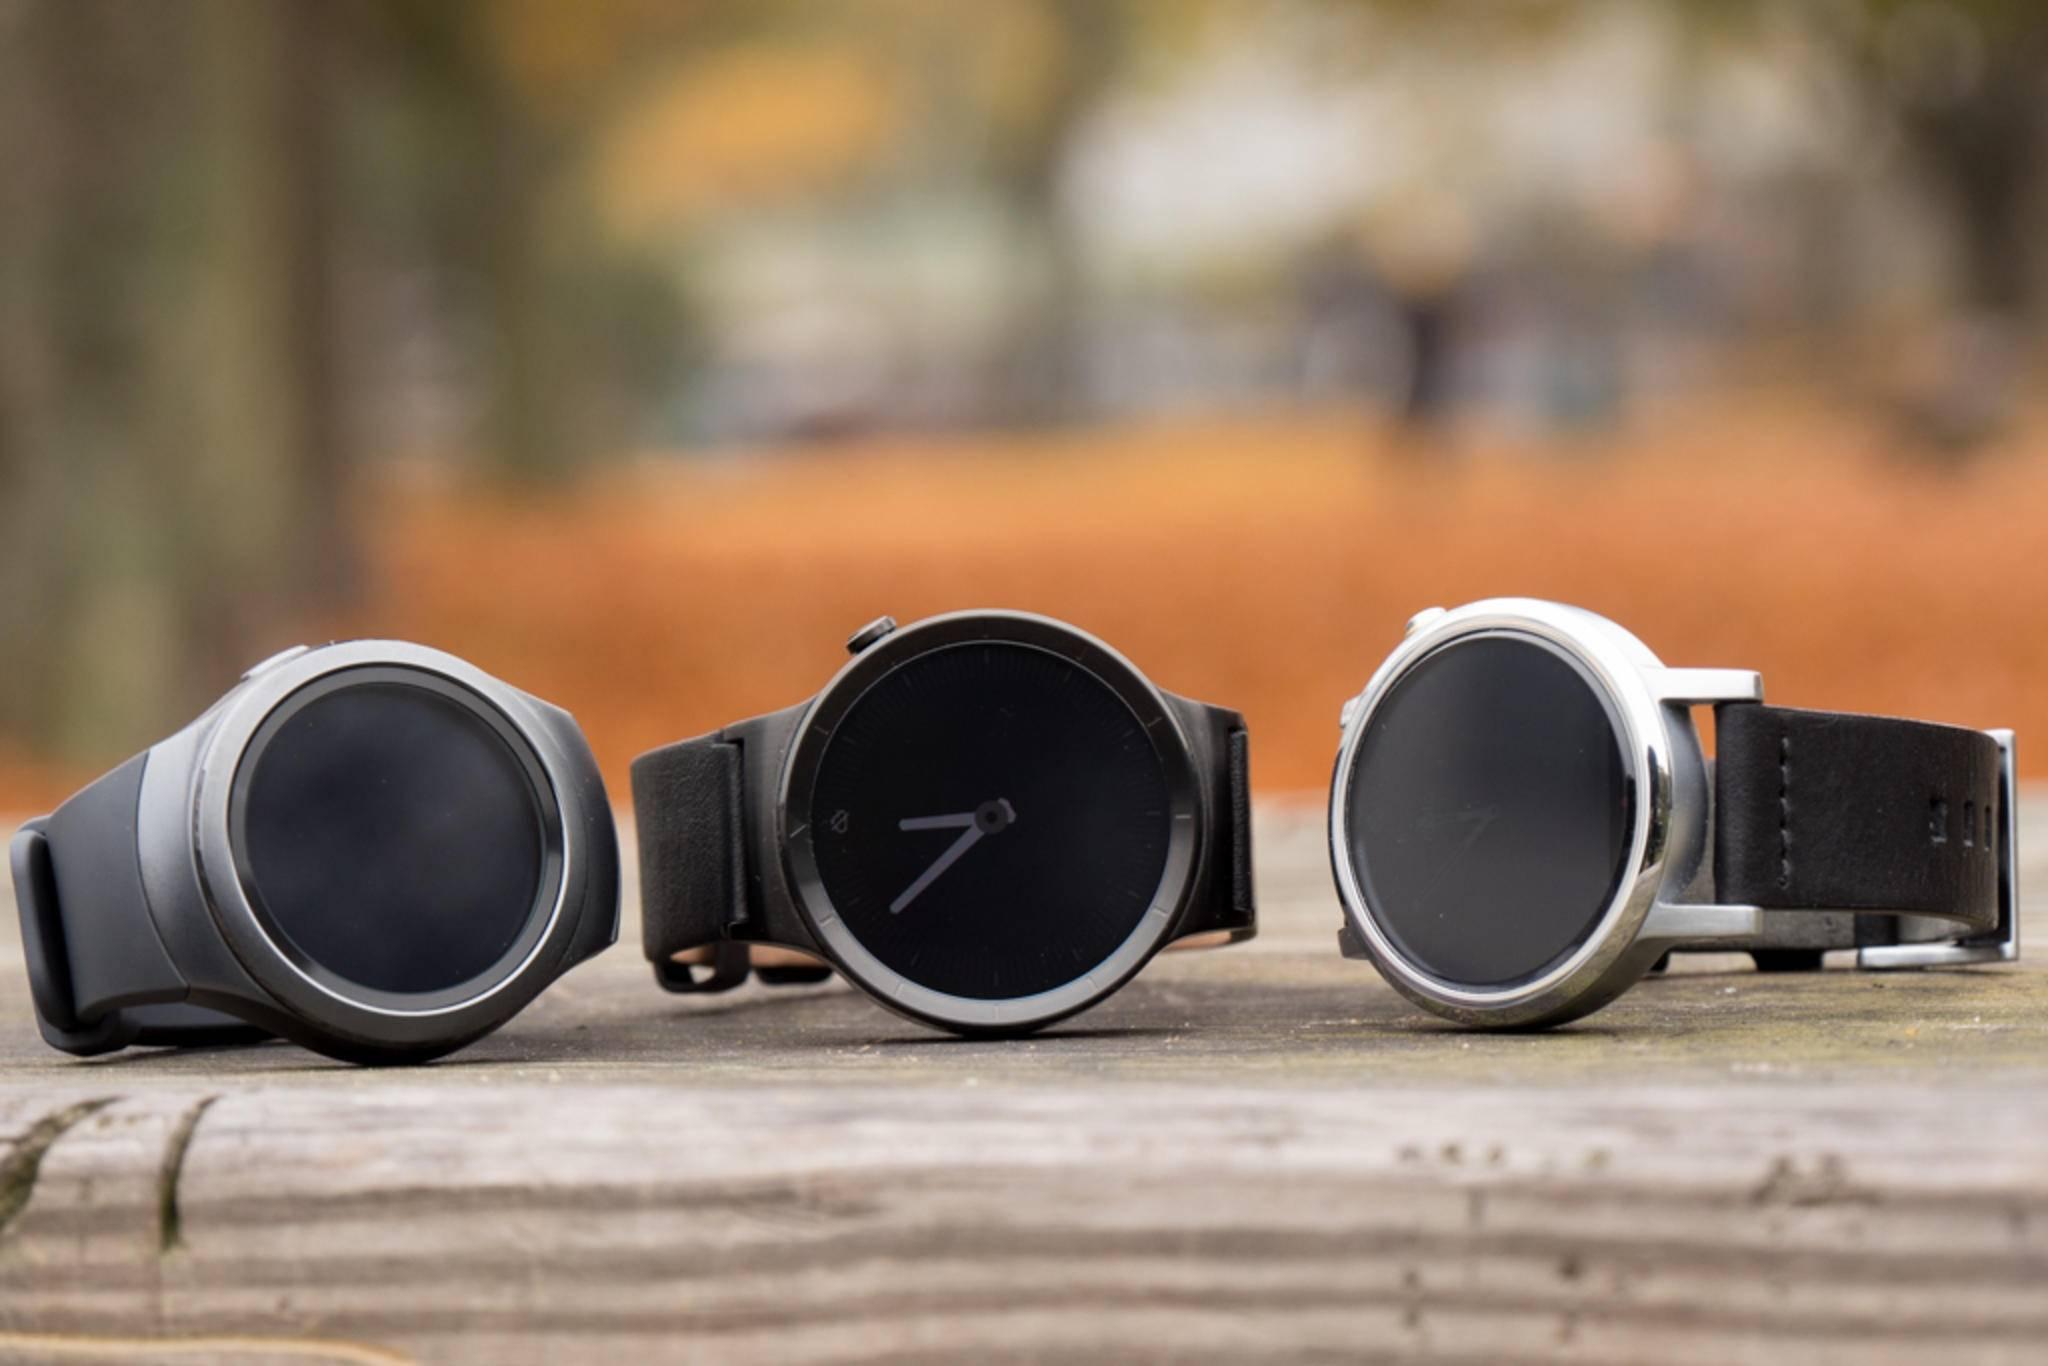 Eine runde Runde: Die Samsung Gear S2, die Huawei Watch Active und die Moto 360 (2015).